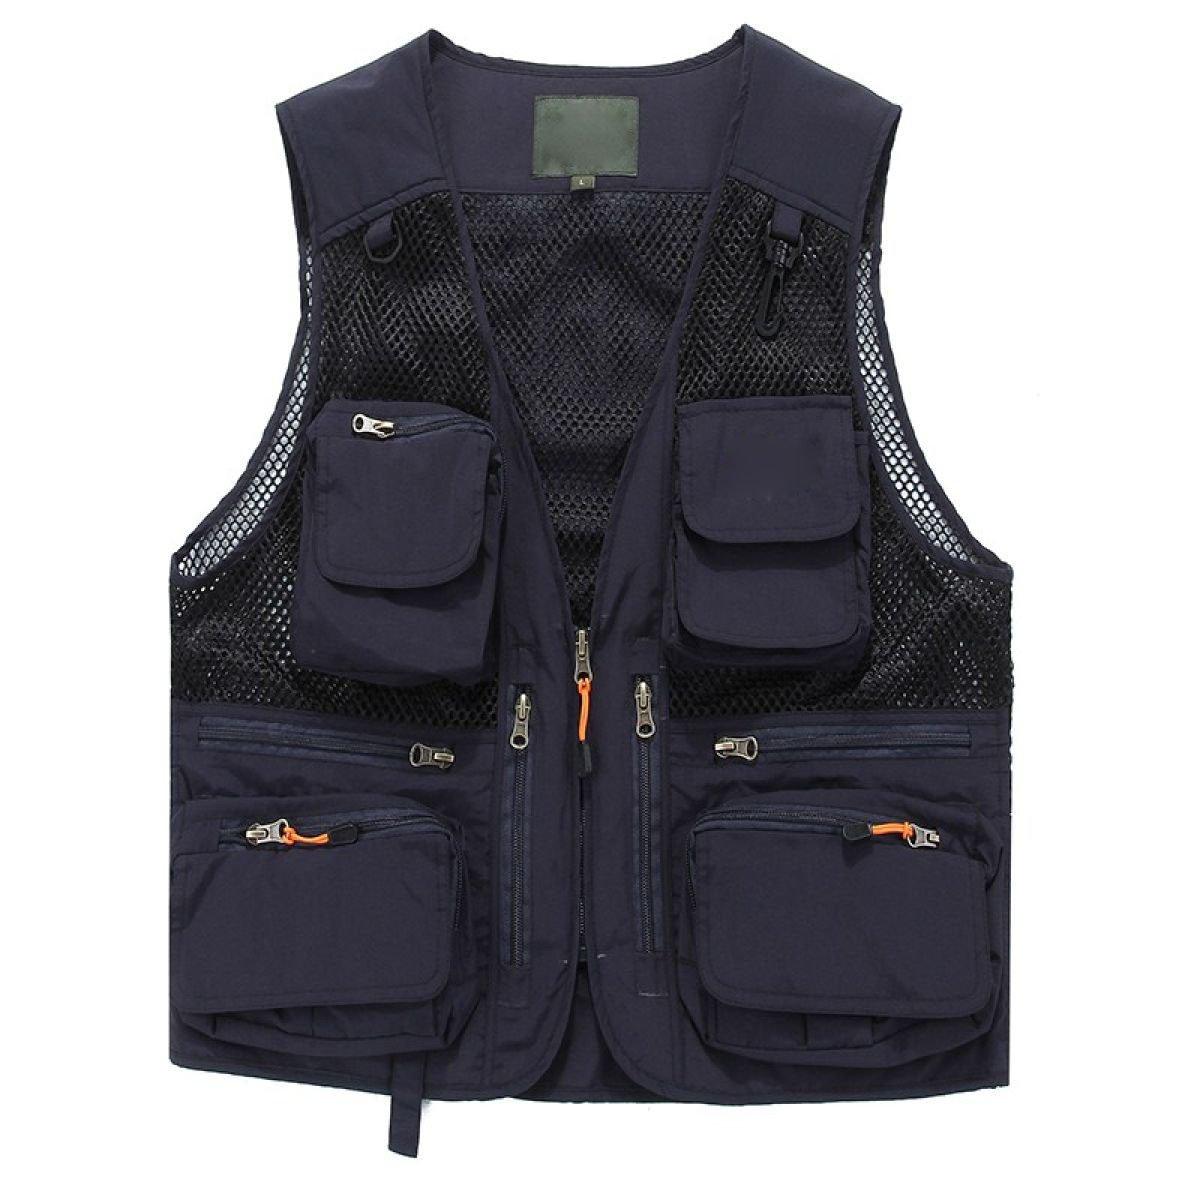 Gilet Männlich Sommer Atmungsaktiv Schnell Mesh Im Freien Multi Multi Multi Pocket Angeln Werbung Und Arbeitskleidung Weste B073TYQJRC Jacken Vollständige Spezifikationen 3a9e2a